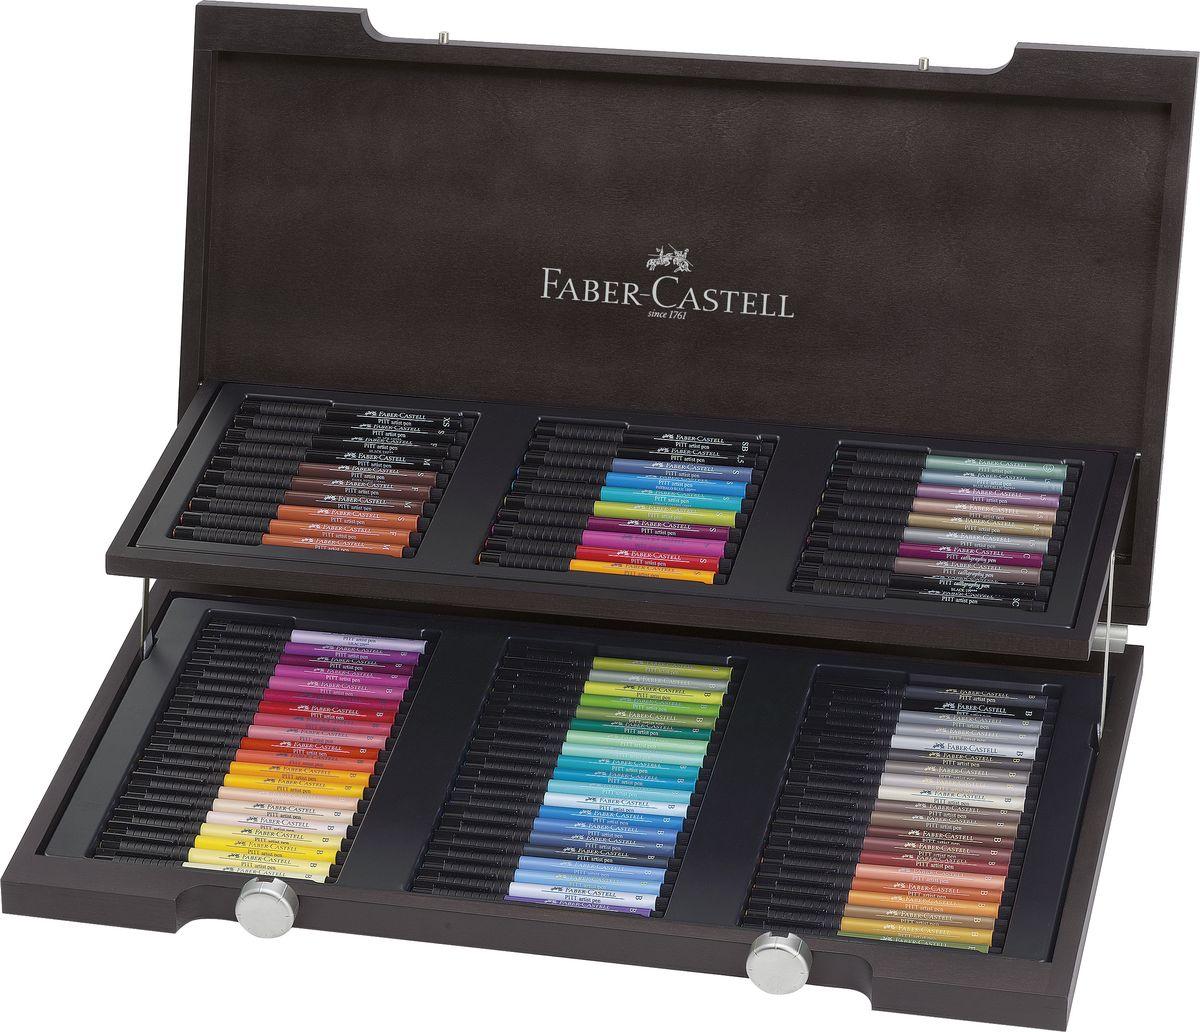 Faber-Castell Набор капиллярных ручек с кисточками Pitt Artist Pen 90 цветов faber castell капиллярные ручки pitt artist pen soft brush 8 шт